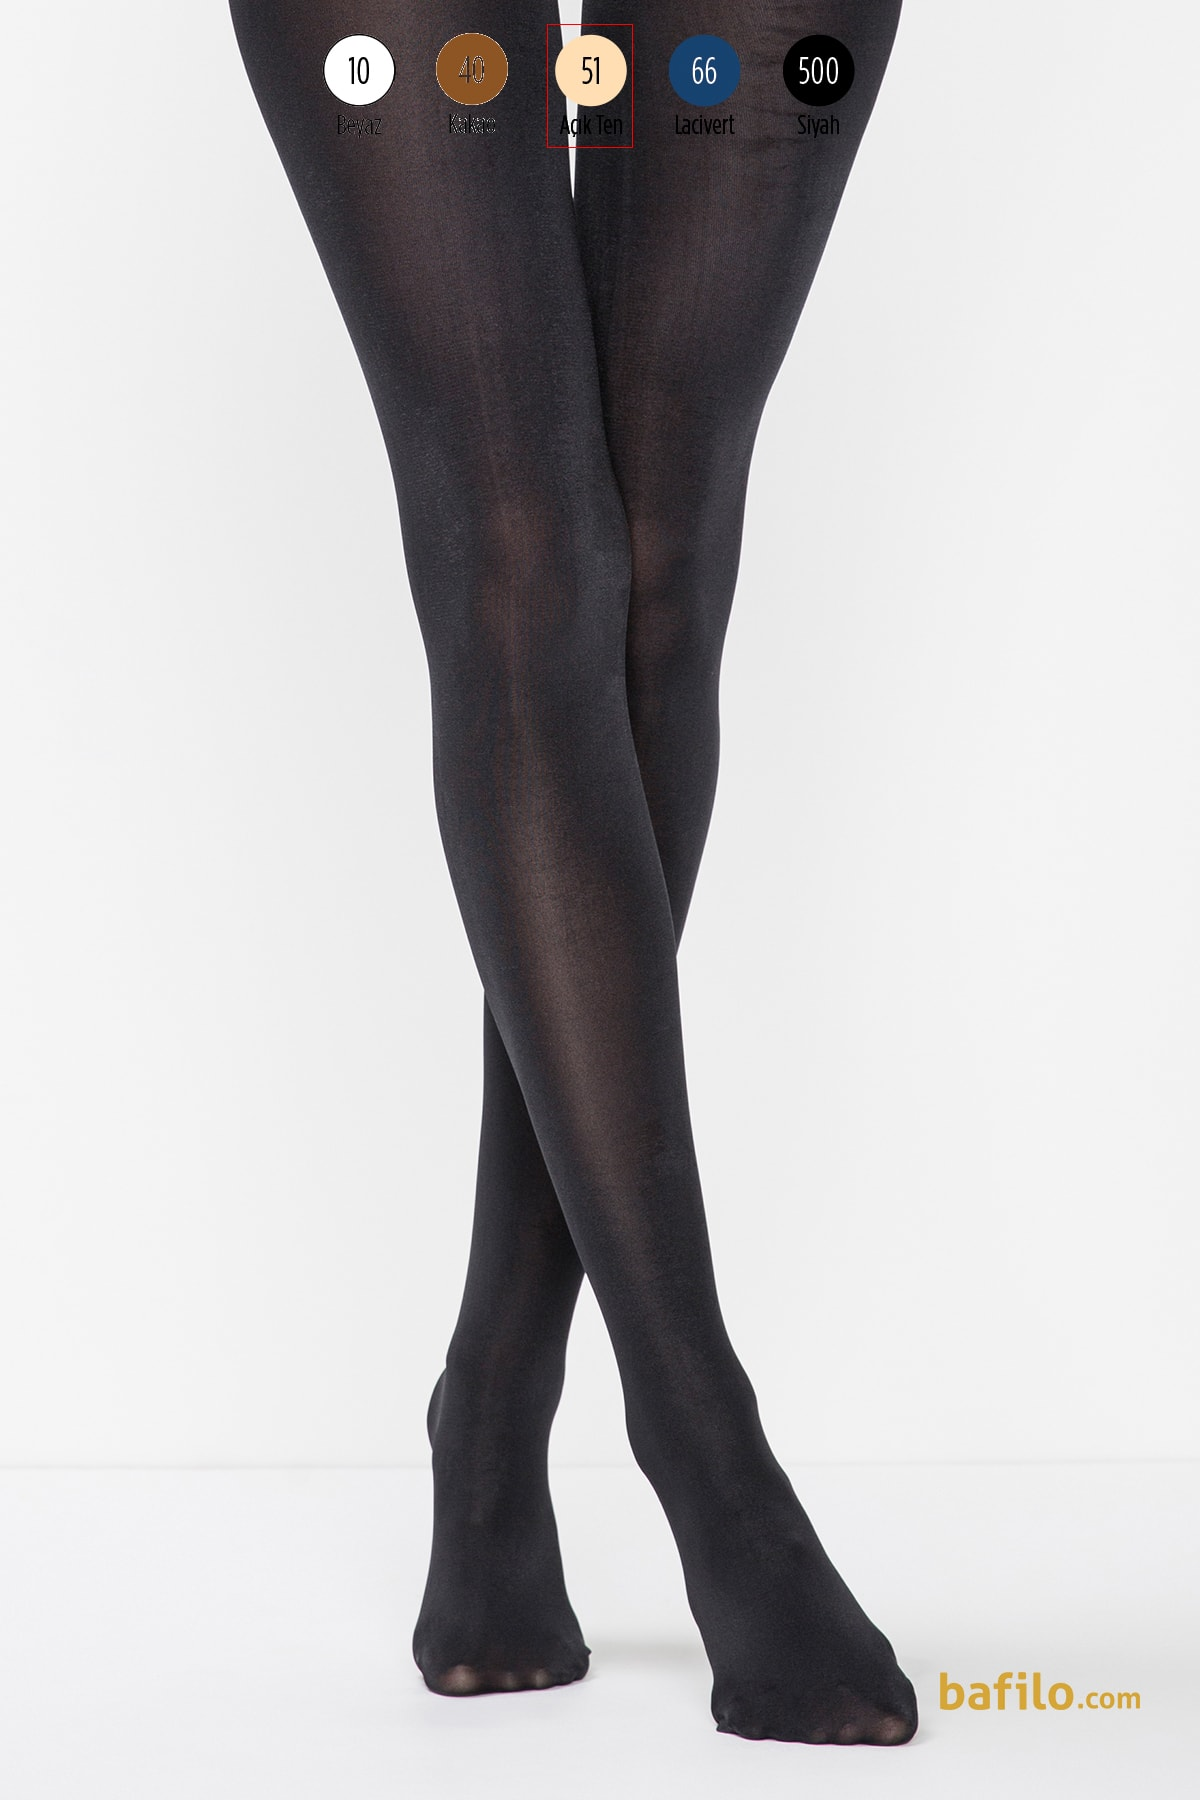 پنتی | Penti - جوراب شلواری براق زنانه پنتی Wet Look 120 - رنگ بدن روشن